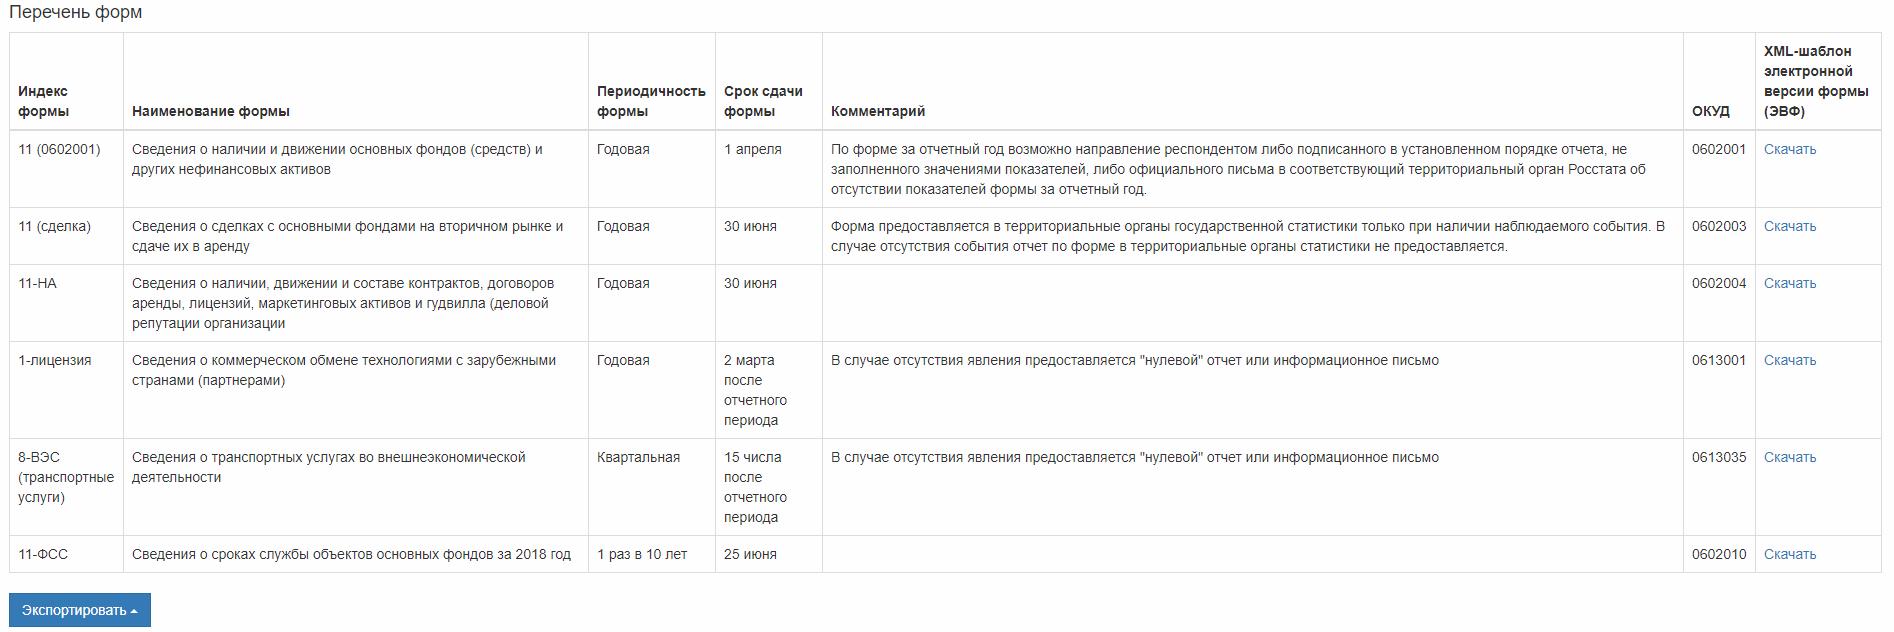 таблица с указанием форм и сроков отчетности